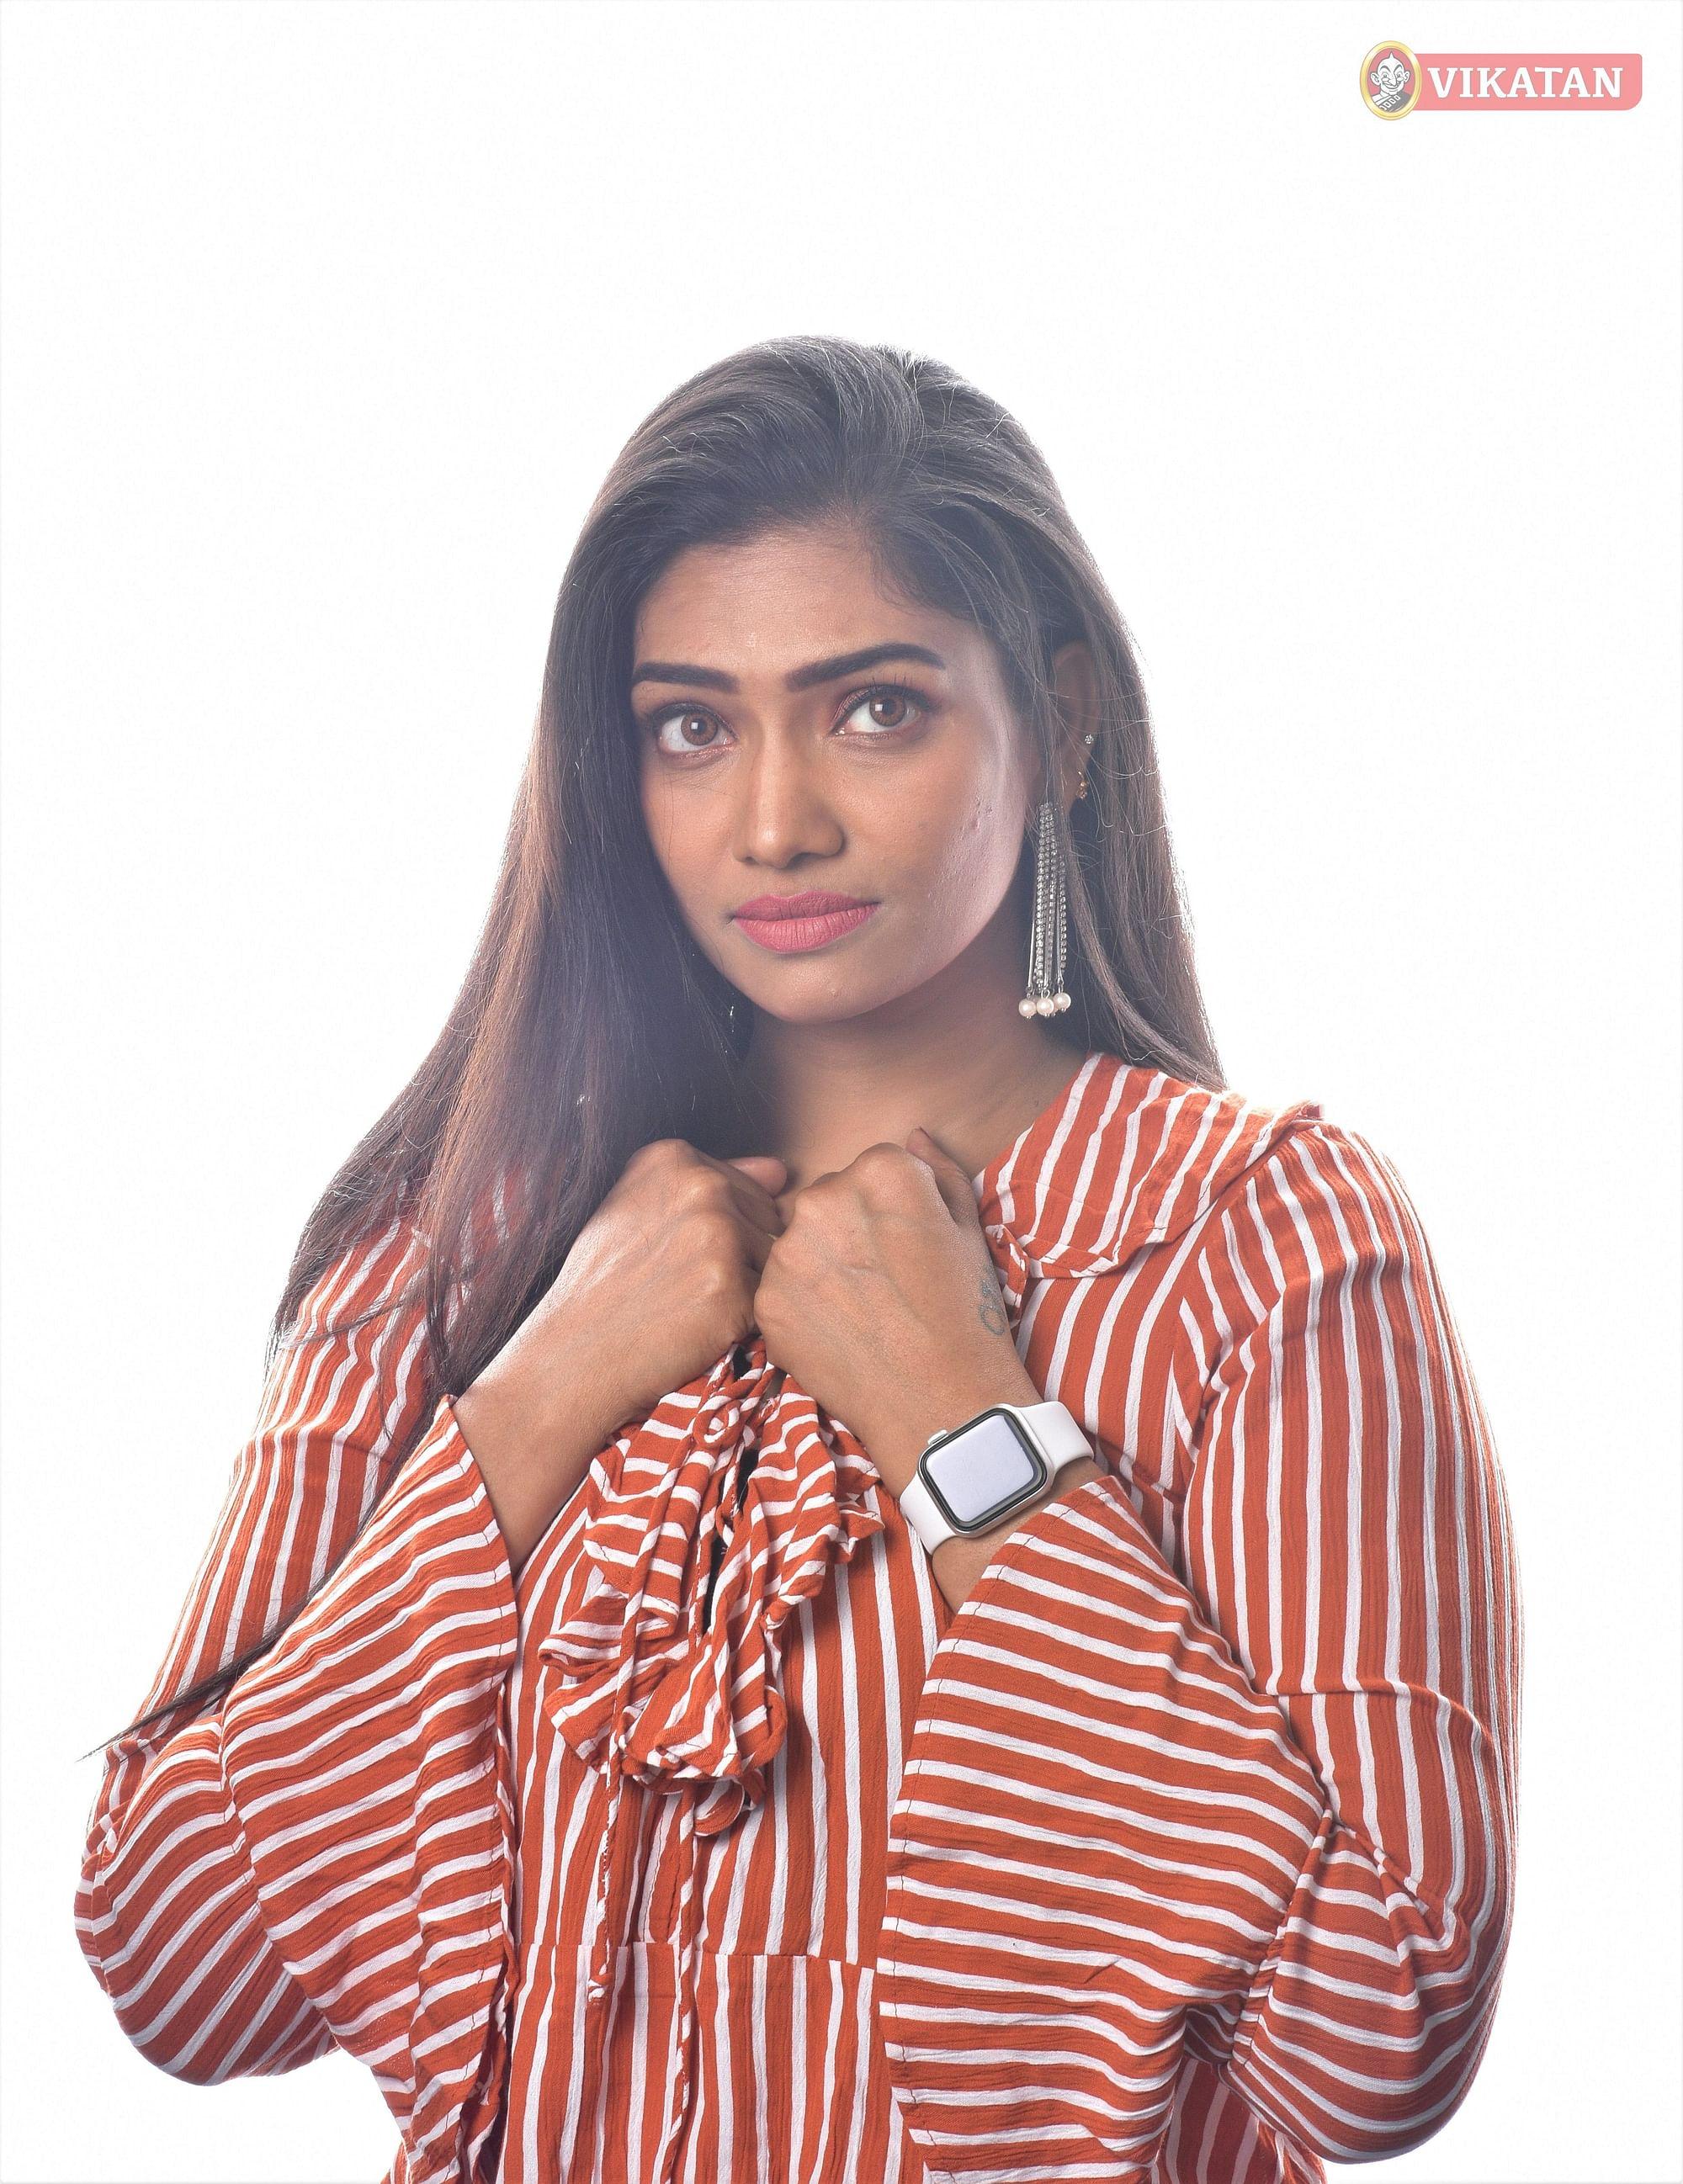 DSC 7160 Tamil News Spot